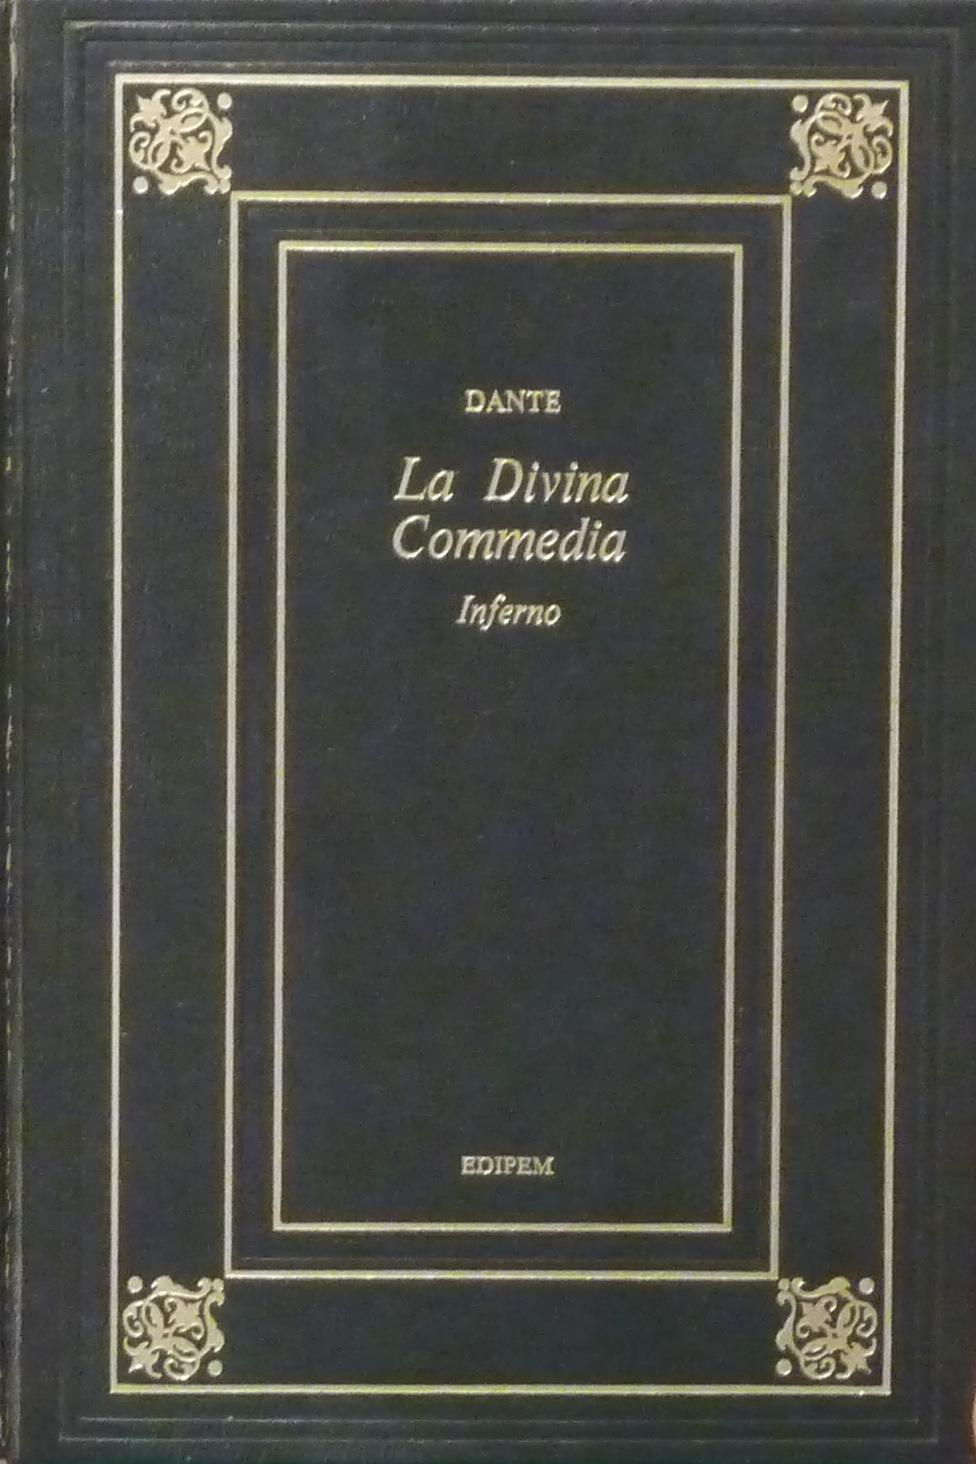 La Divina Commedia (Inferno)